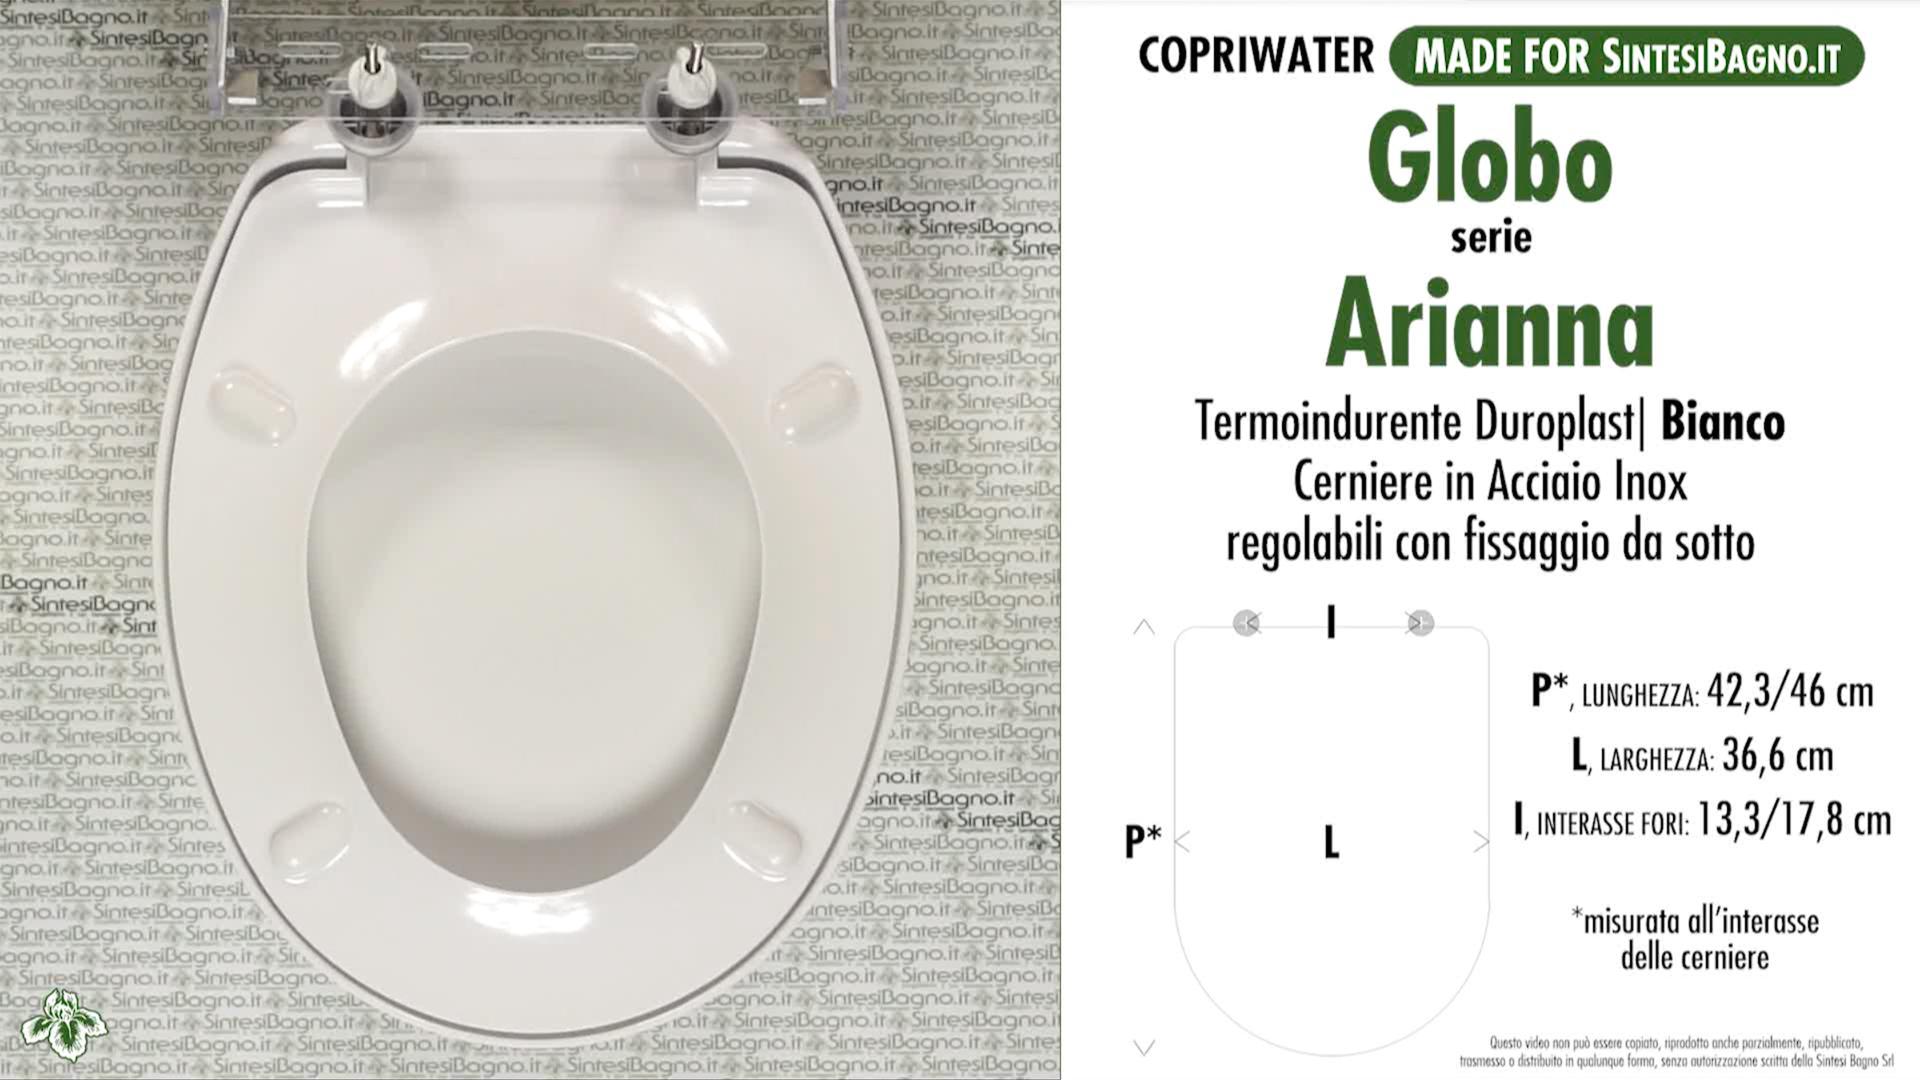 SCHEDA TECNICA MISURE copriwater GLOBO ARIANNA